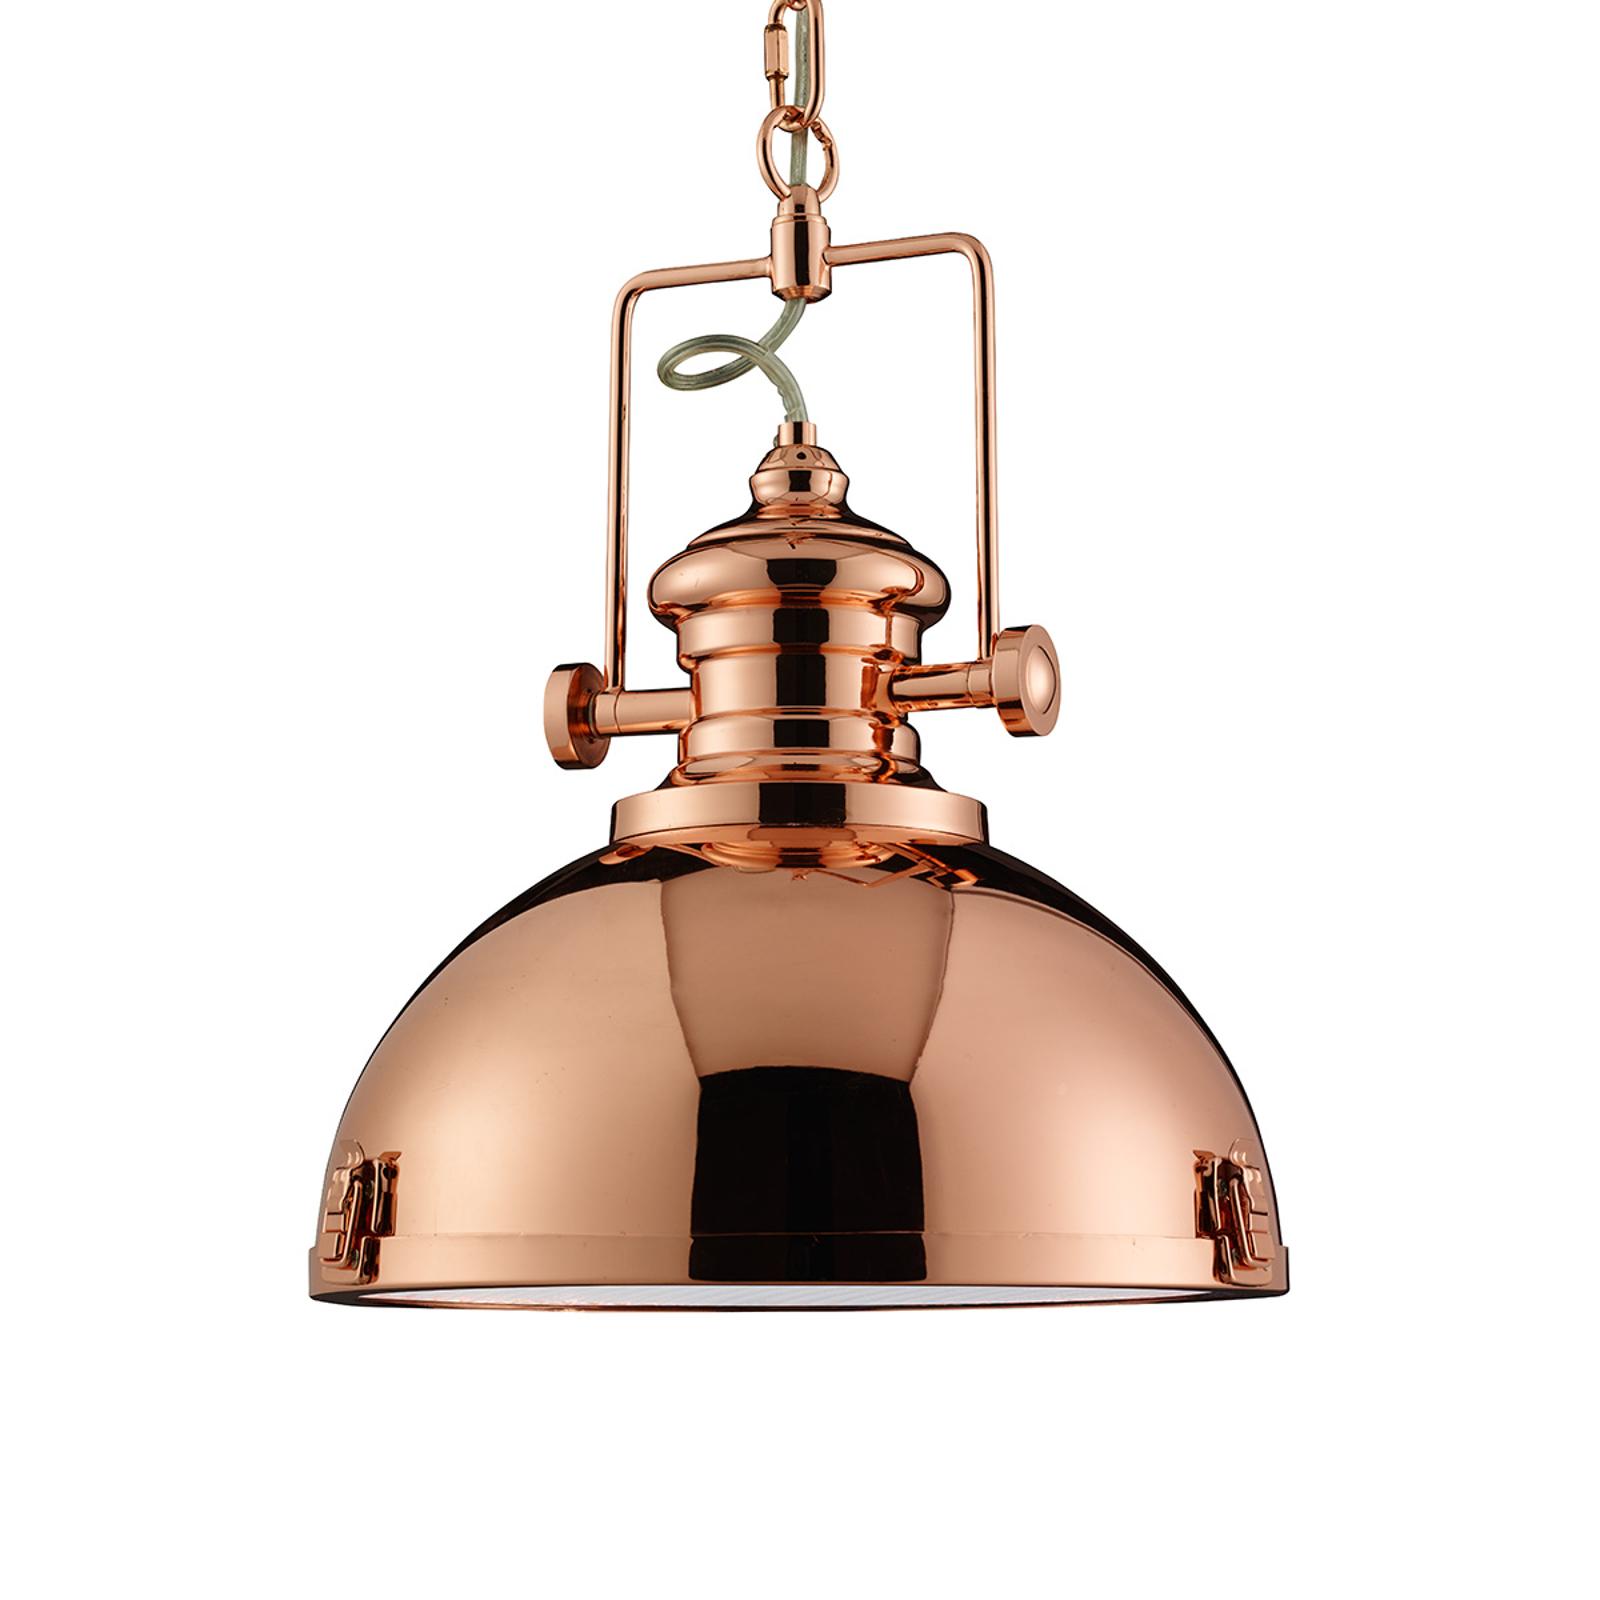 Kupferfarbene Hängeleuchte Metal im Industriedesig